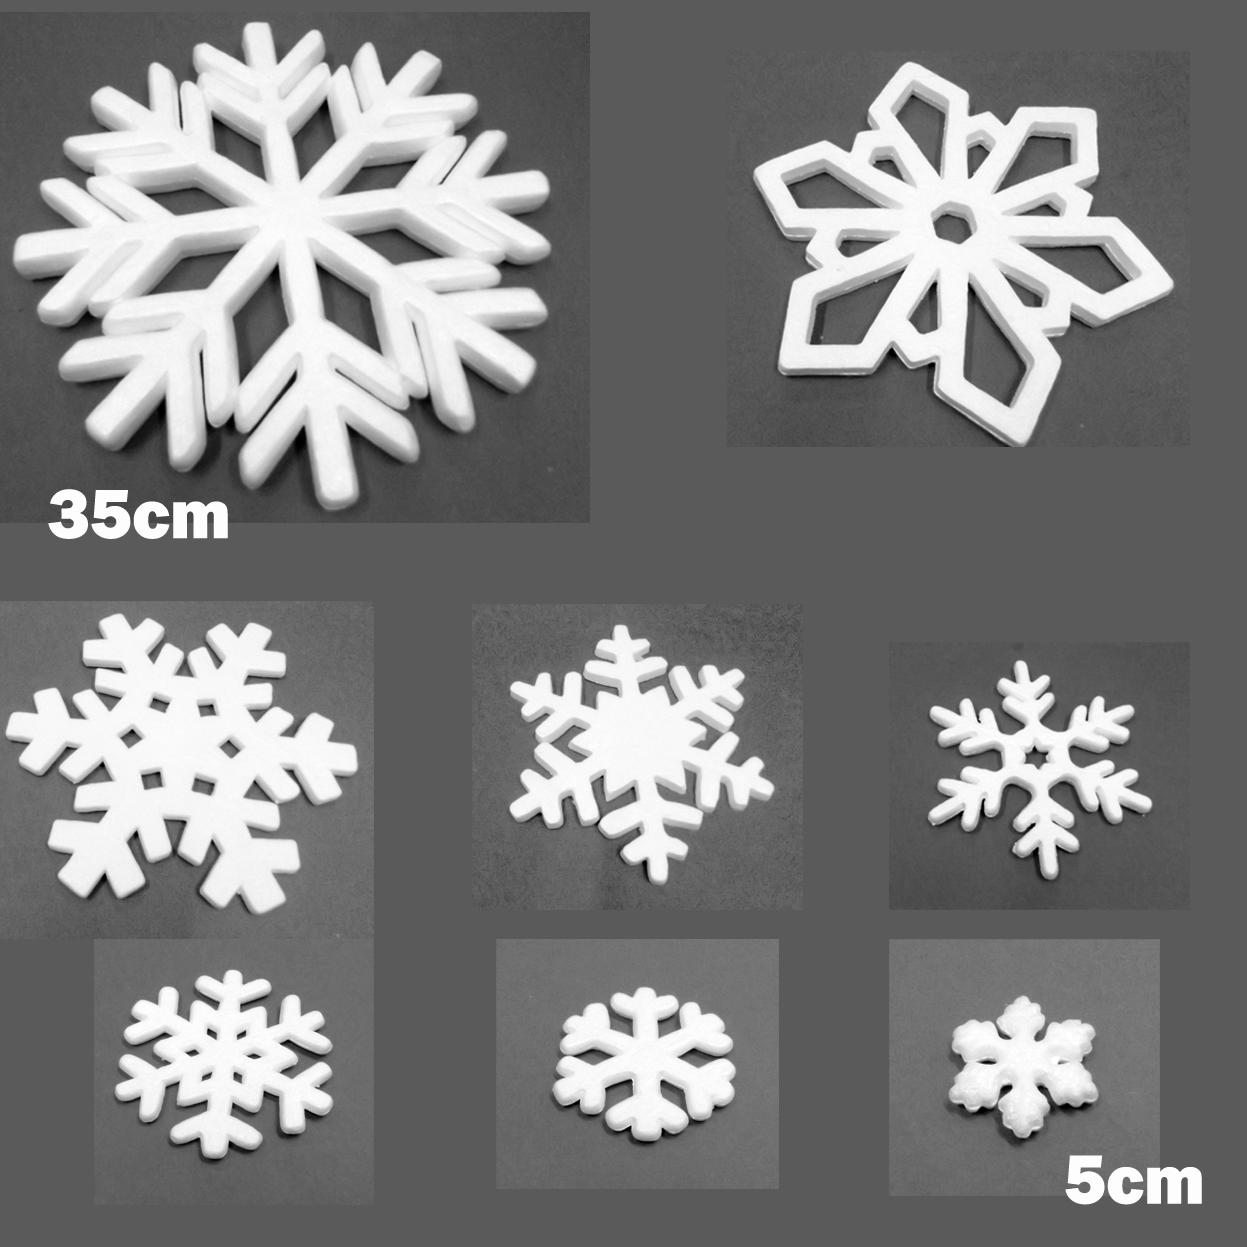 Polystyrene Snowflakes